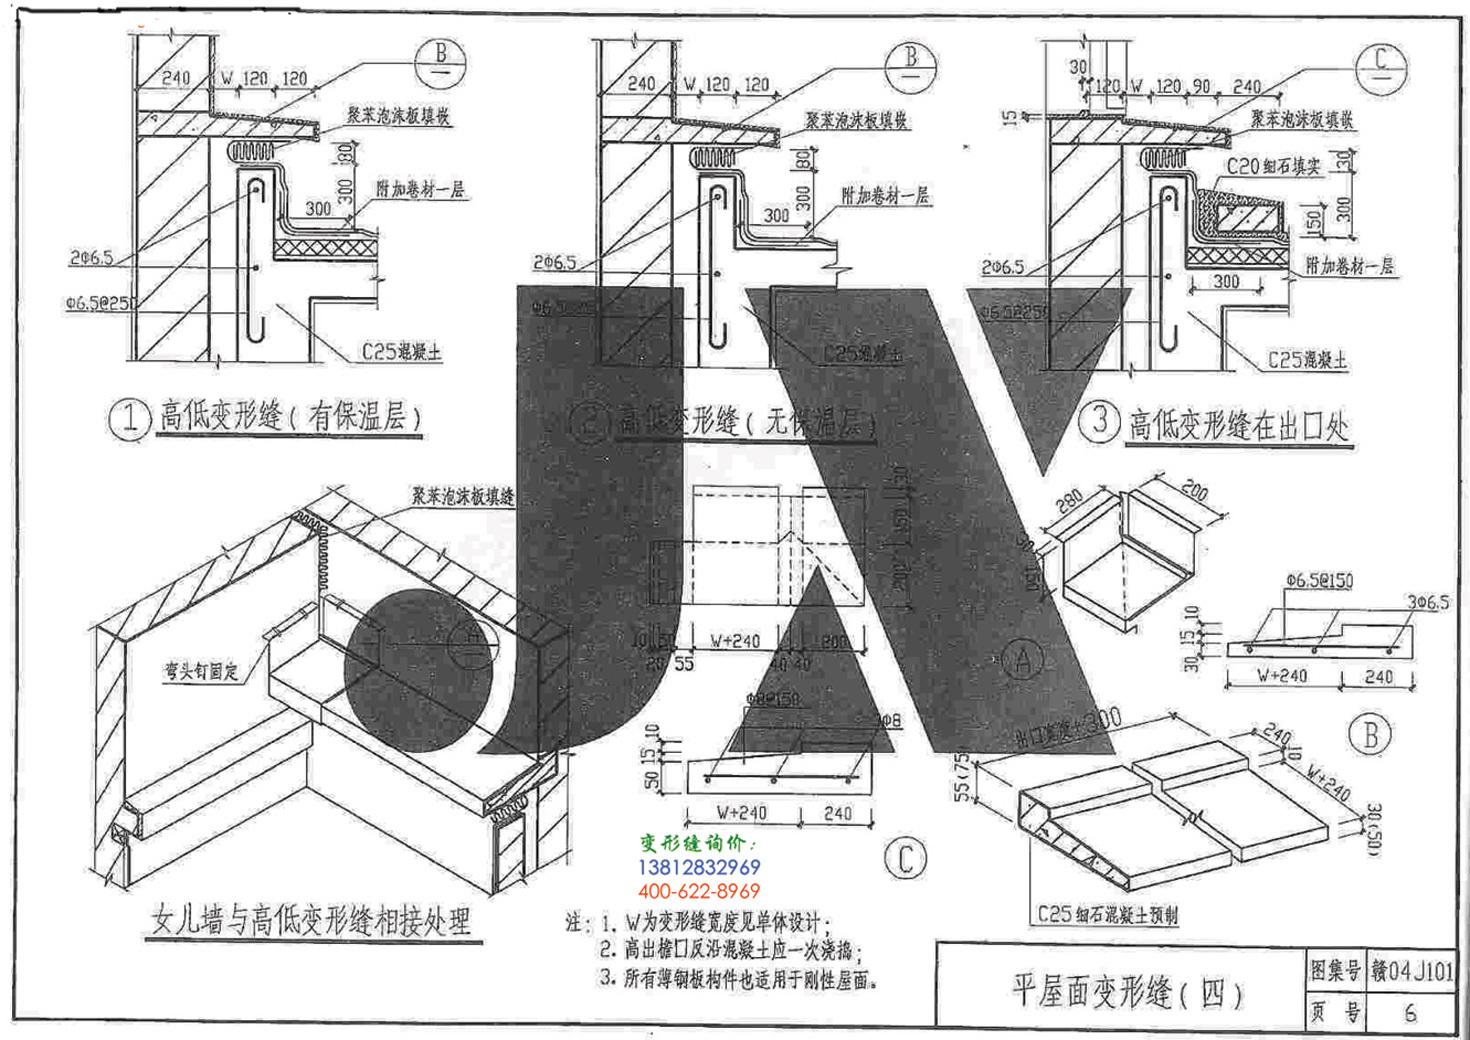 赣04J101变形缝图集第7页